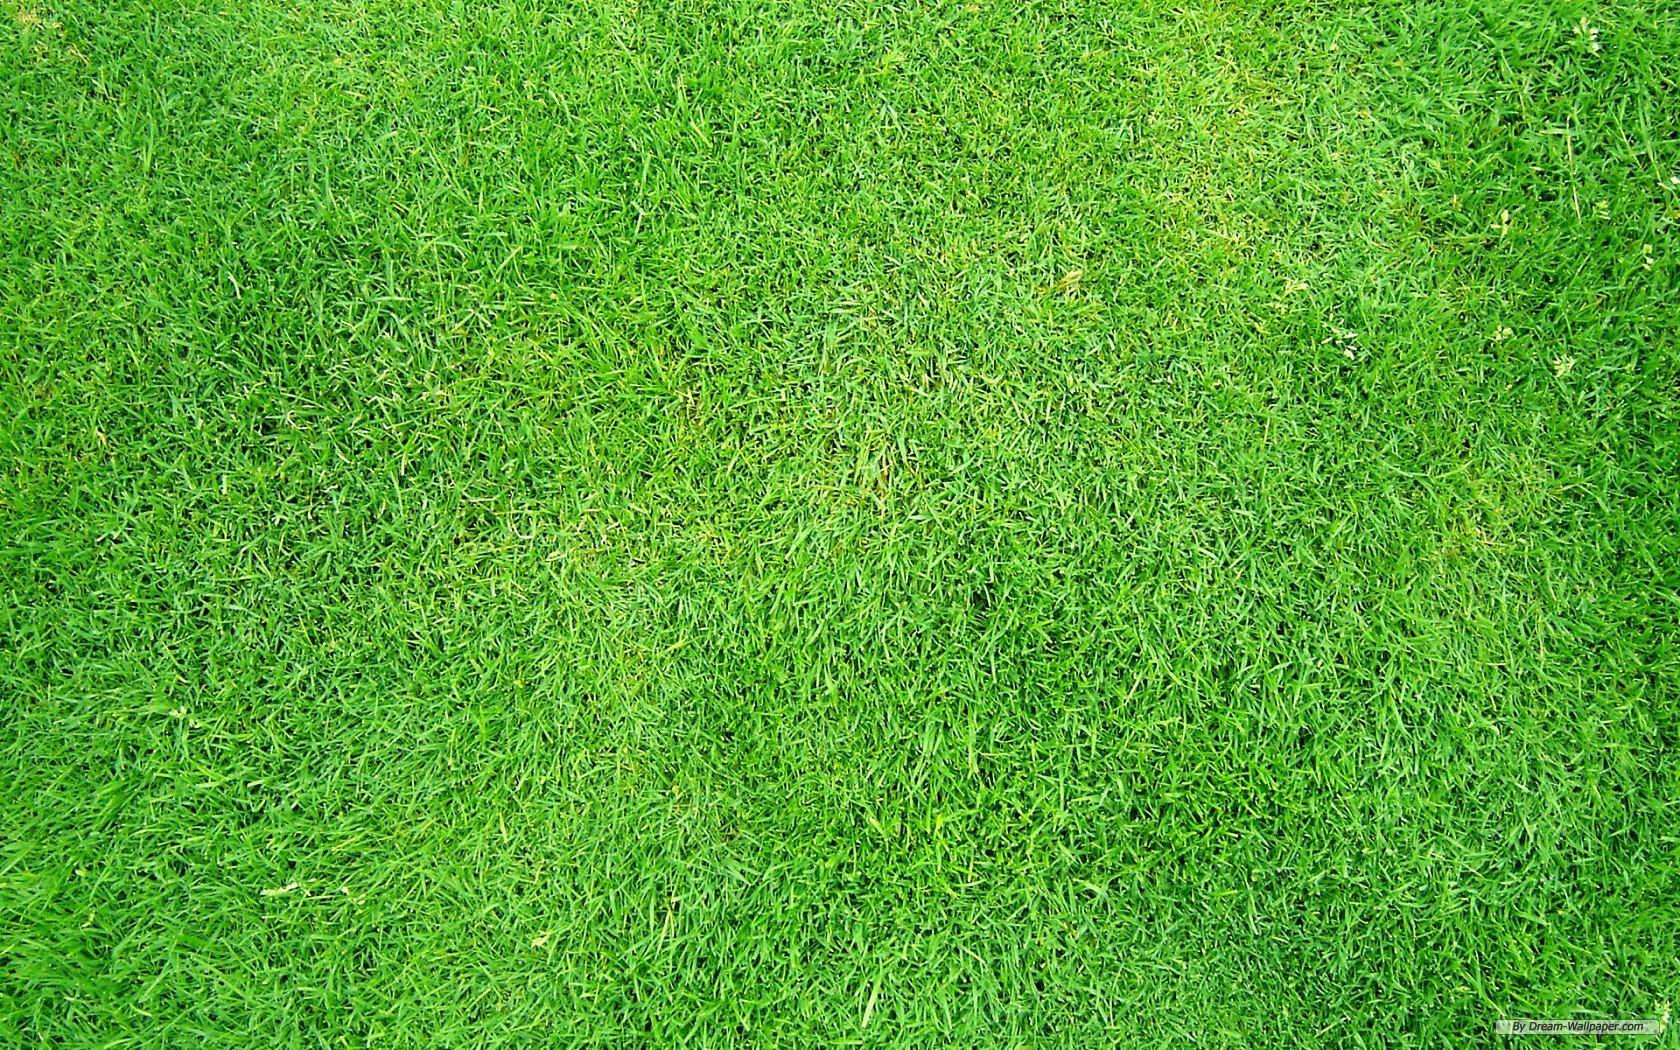 Grass Wallpaper Wallpapersafari HD Wallpapers Download Free Images Wallpaper [1000image.com]